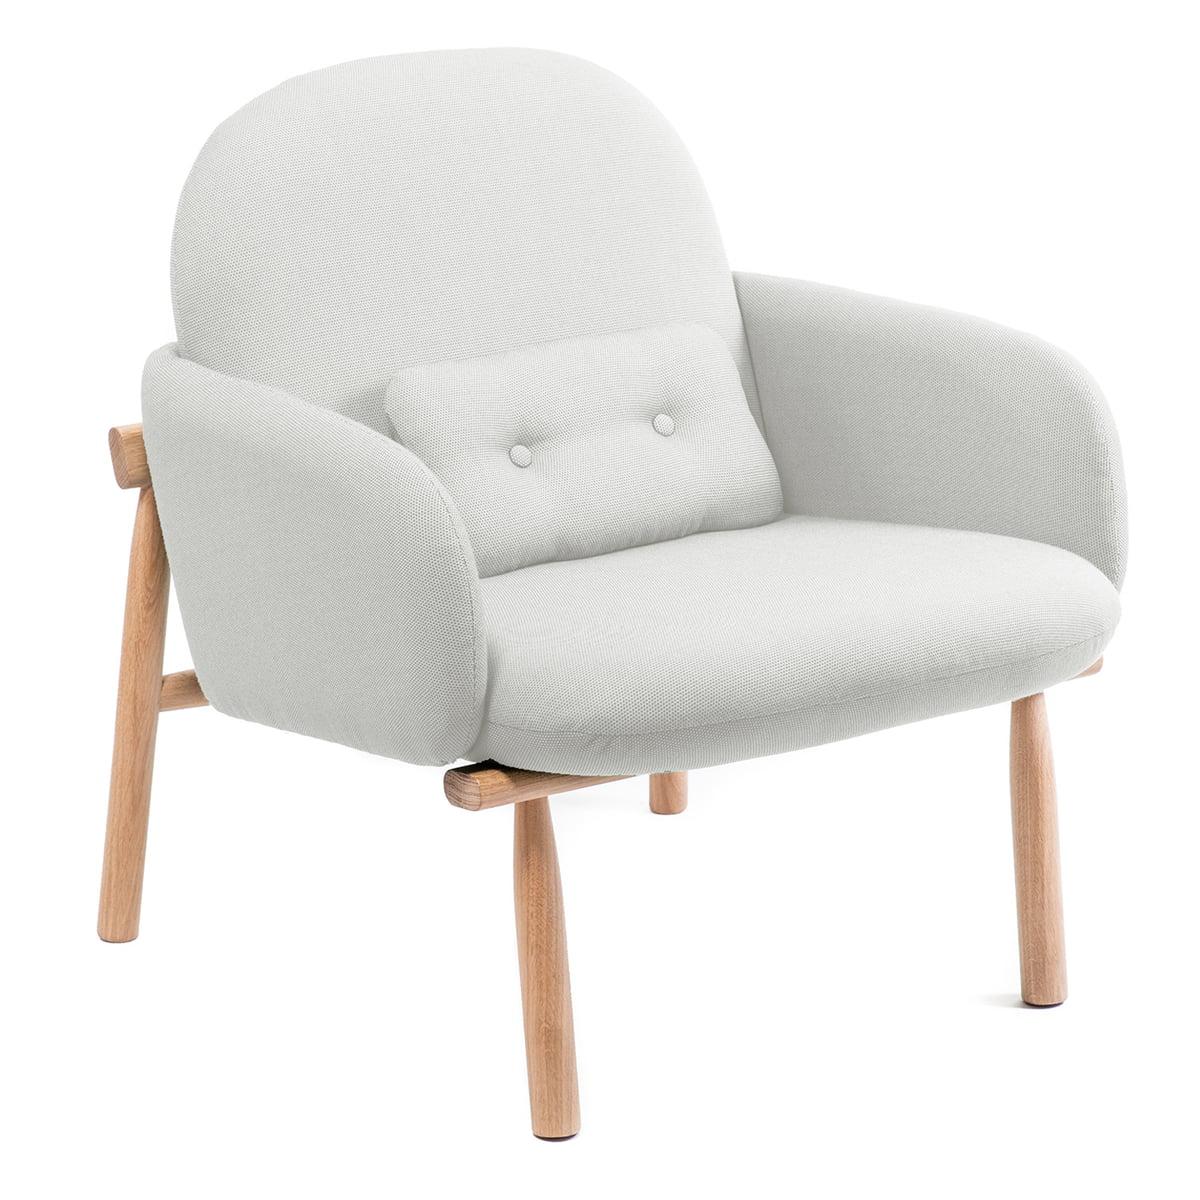 Bezaubernd Sessel Kaufen Beste Wahl Georges Von Hartô In Hellgrau (swing 51807)